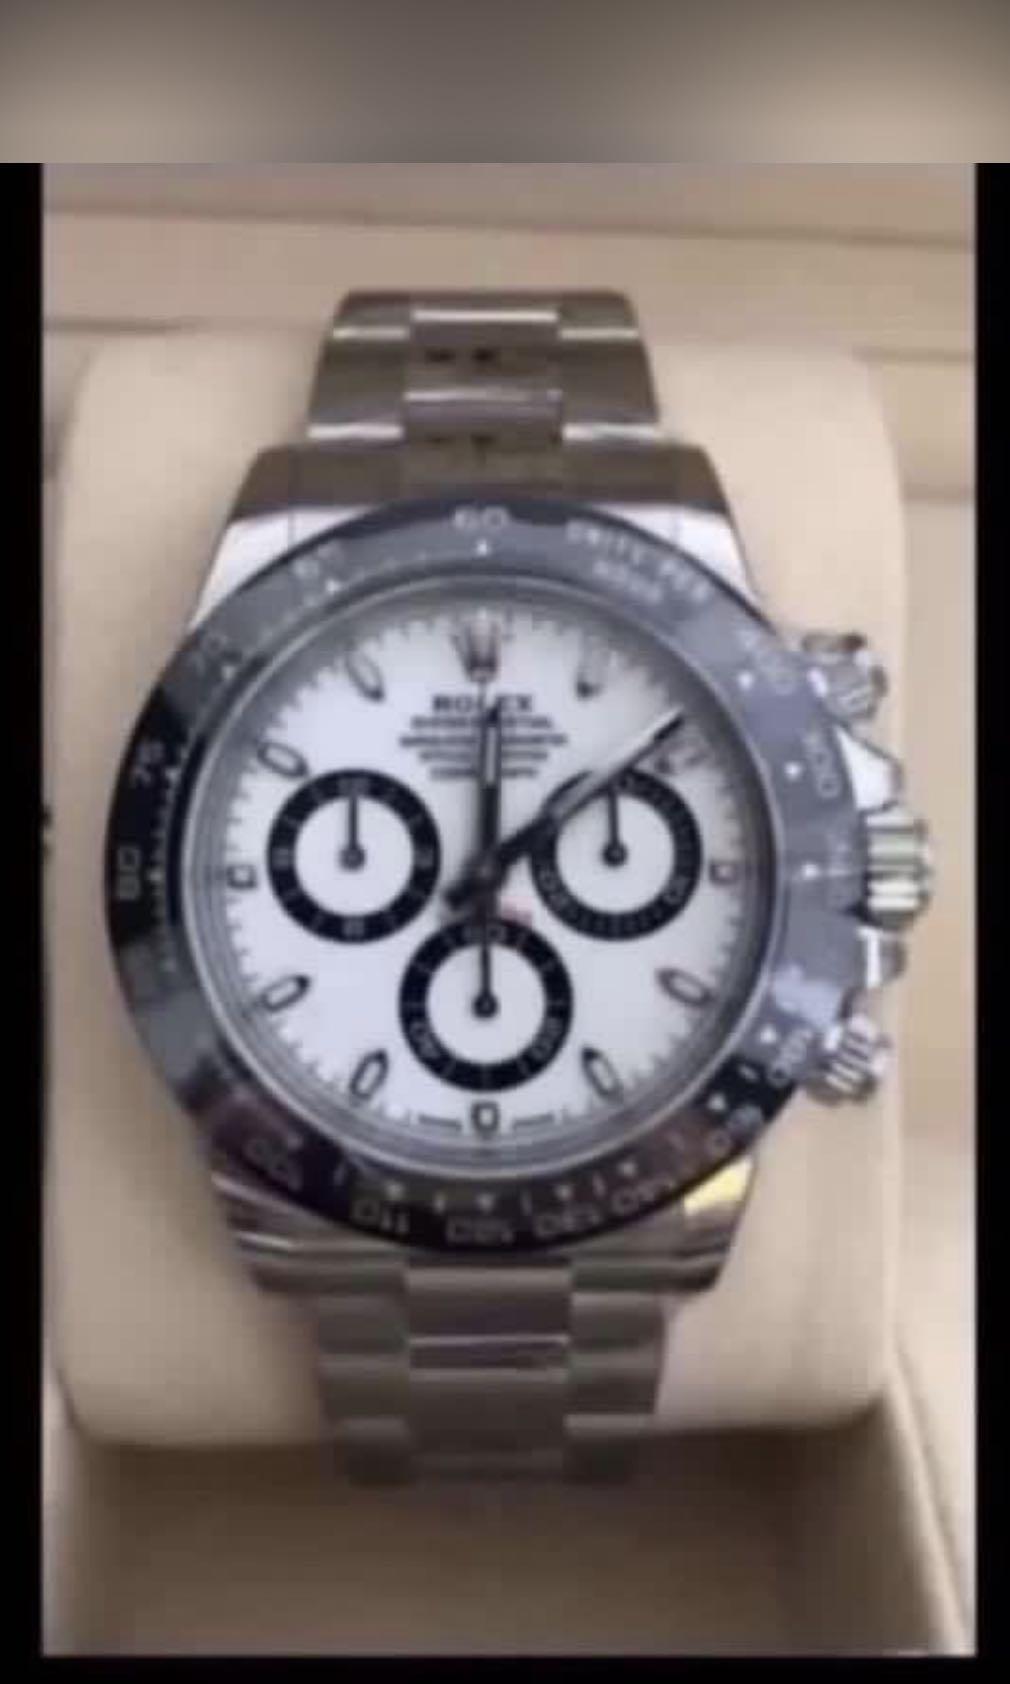 WTB Rolex Daytona 116500LN